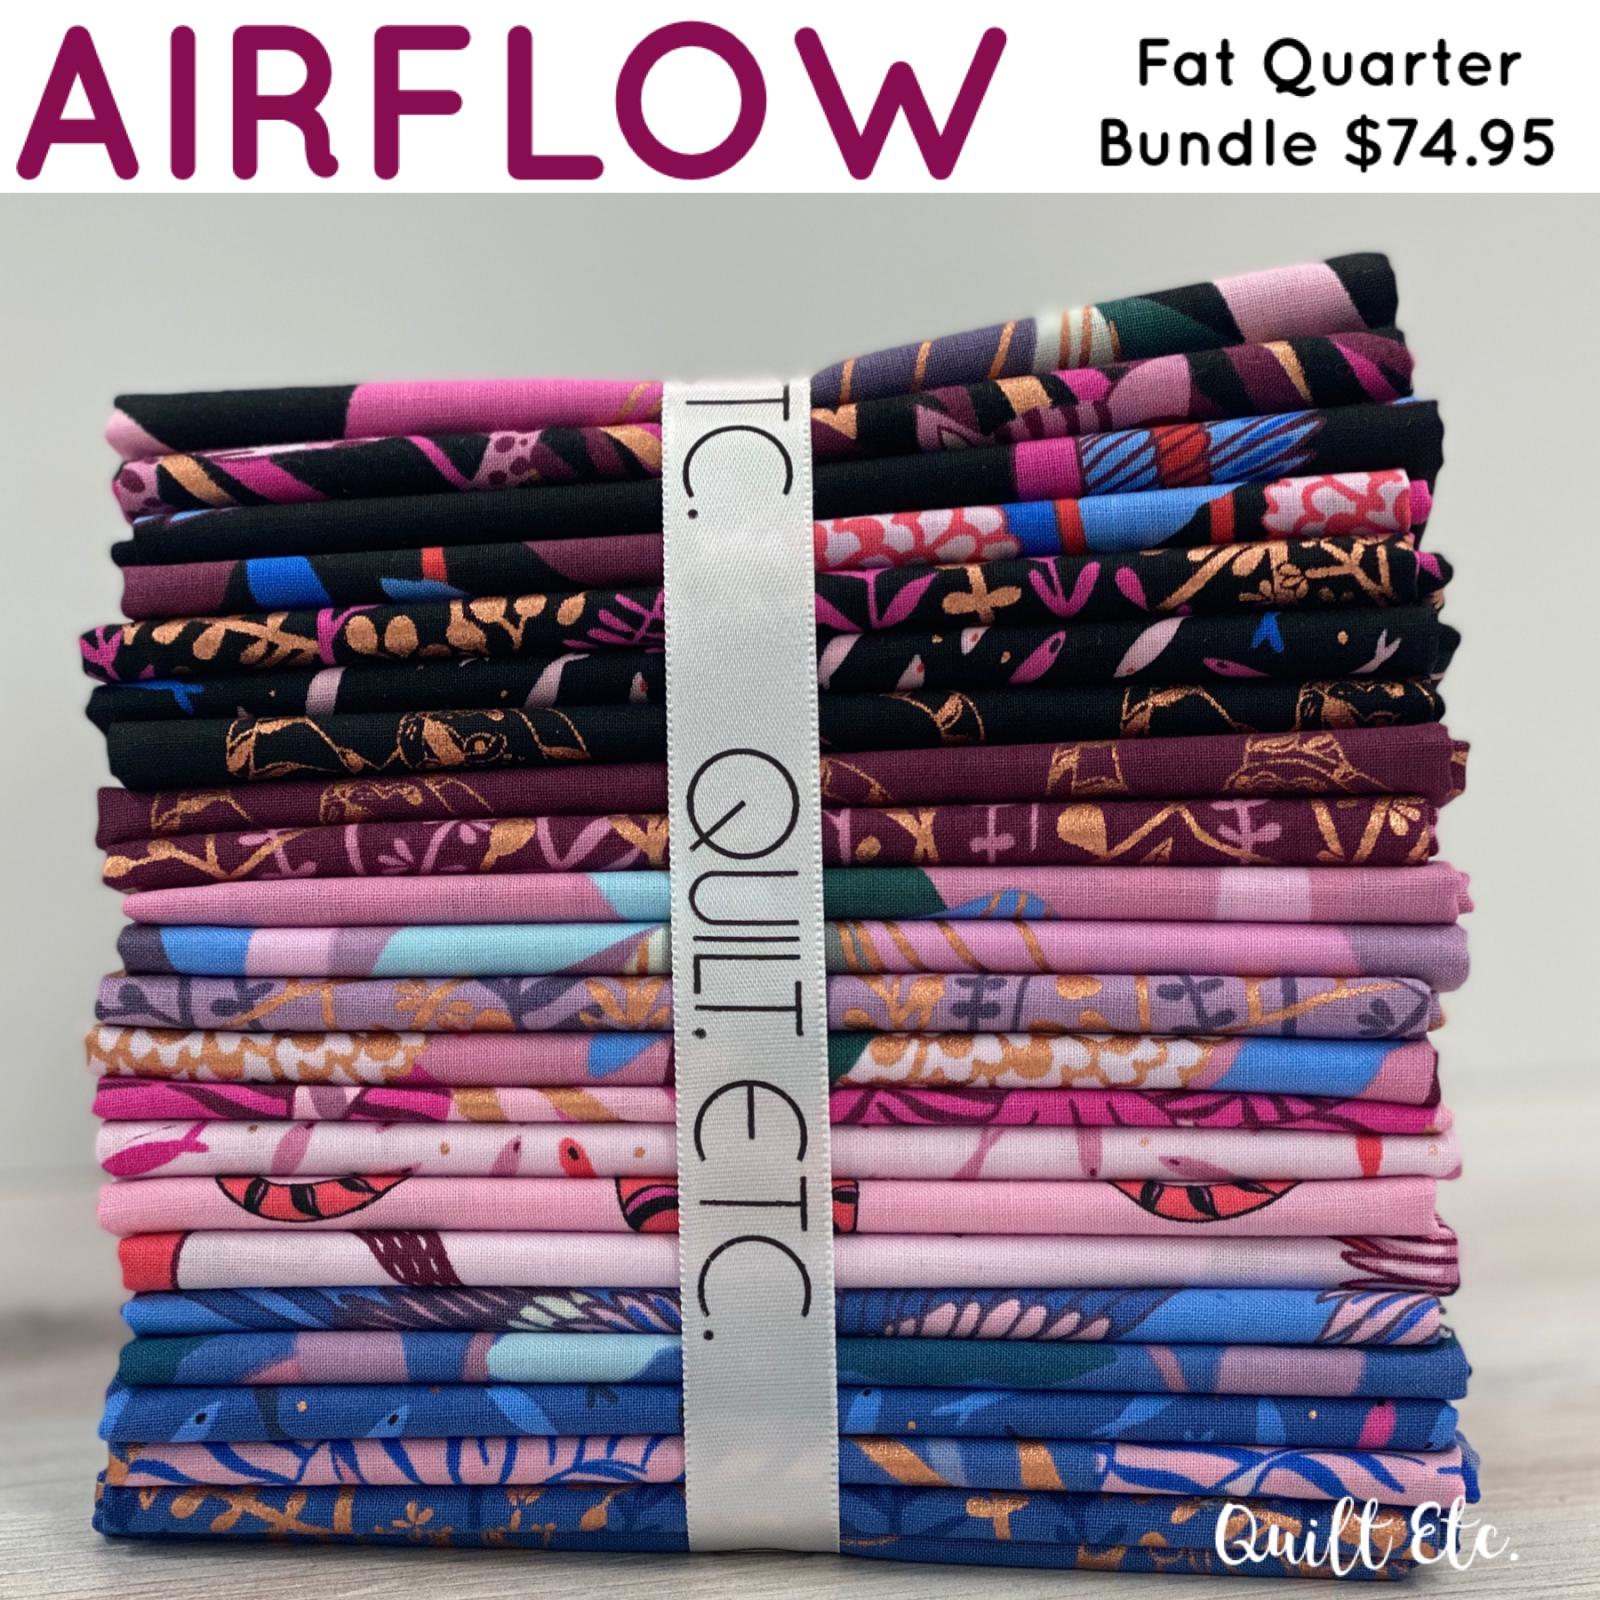 Air Flow Fat Quarter Bundle